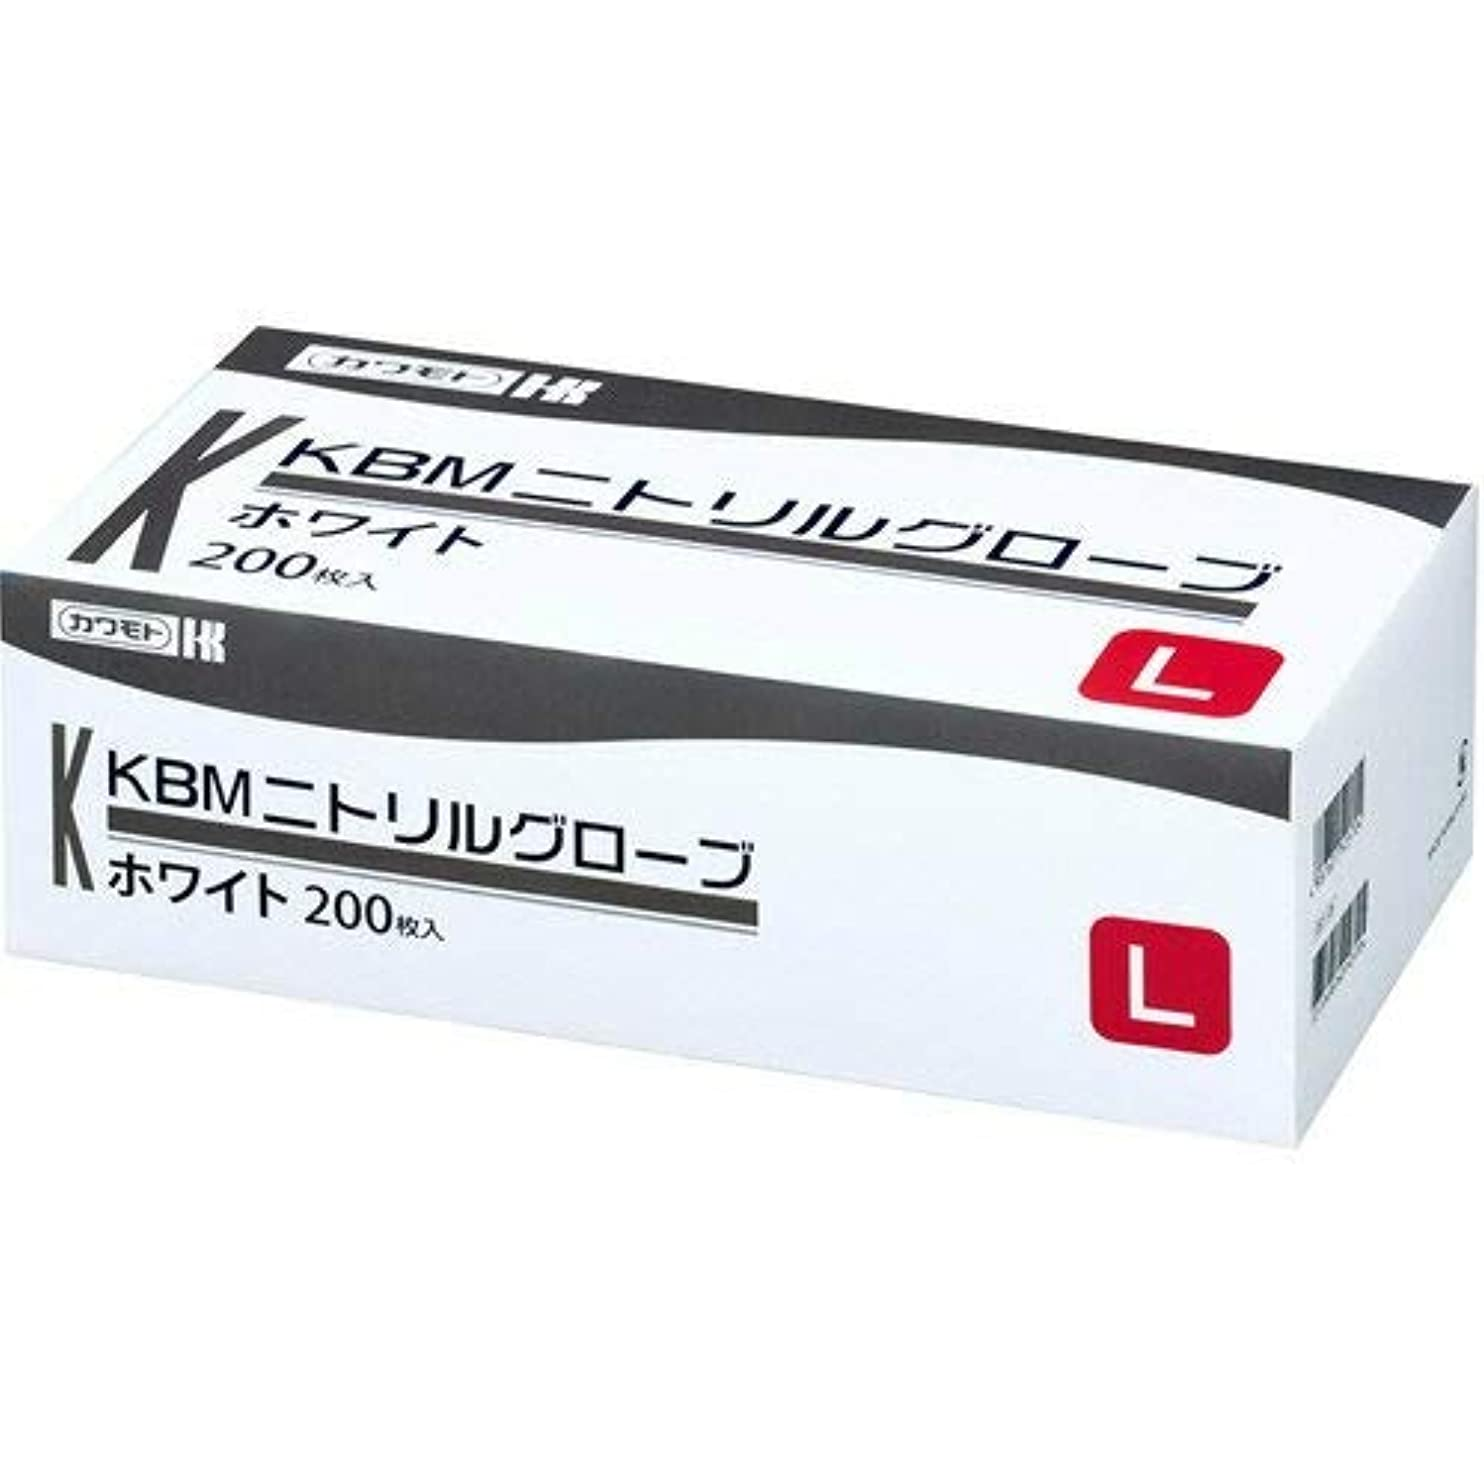 軽量損なう慣れる川本産業 カワモト ニトリルグローブ ホワイト L 200枚入